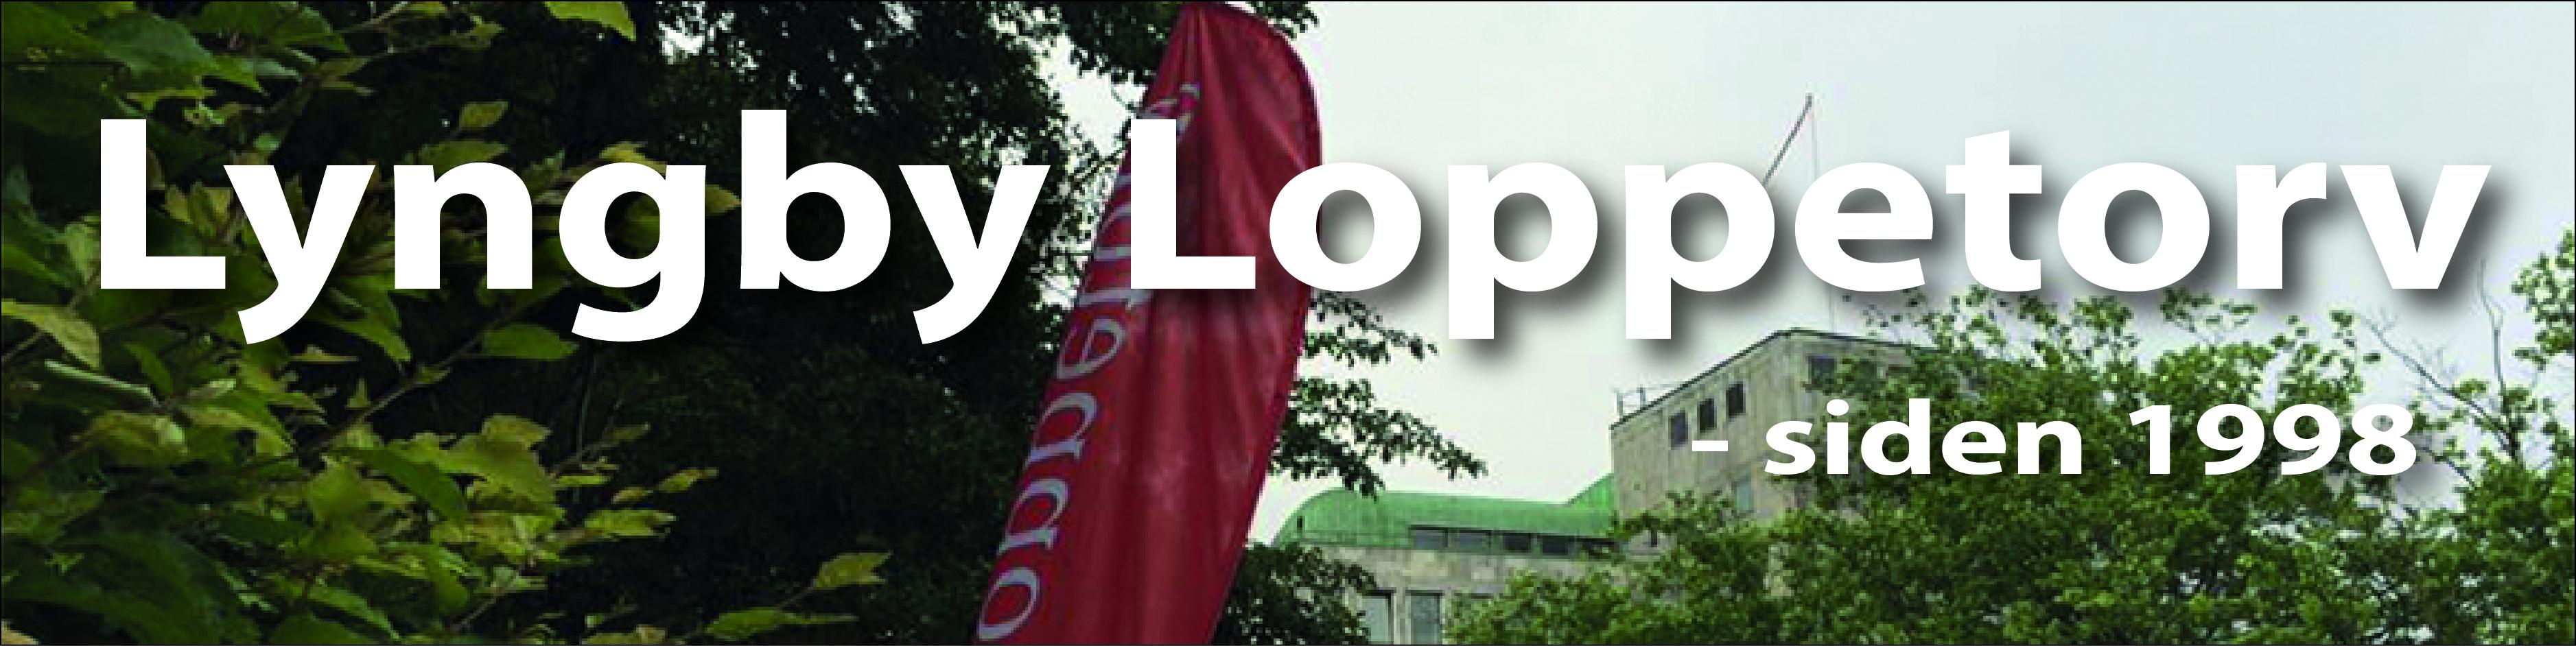 Logo%20lyngby%20loppetorv%20m%20billede